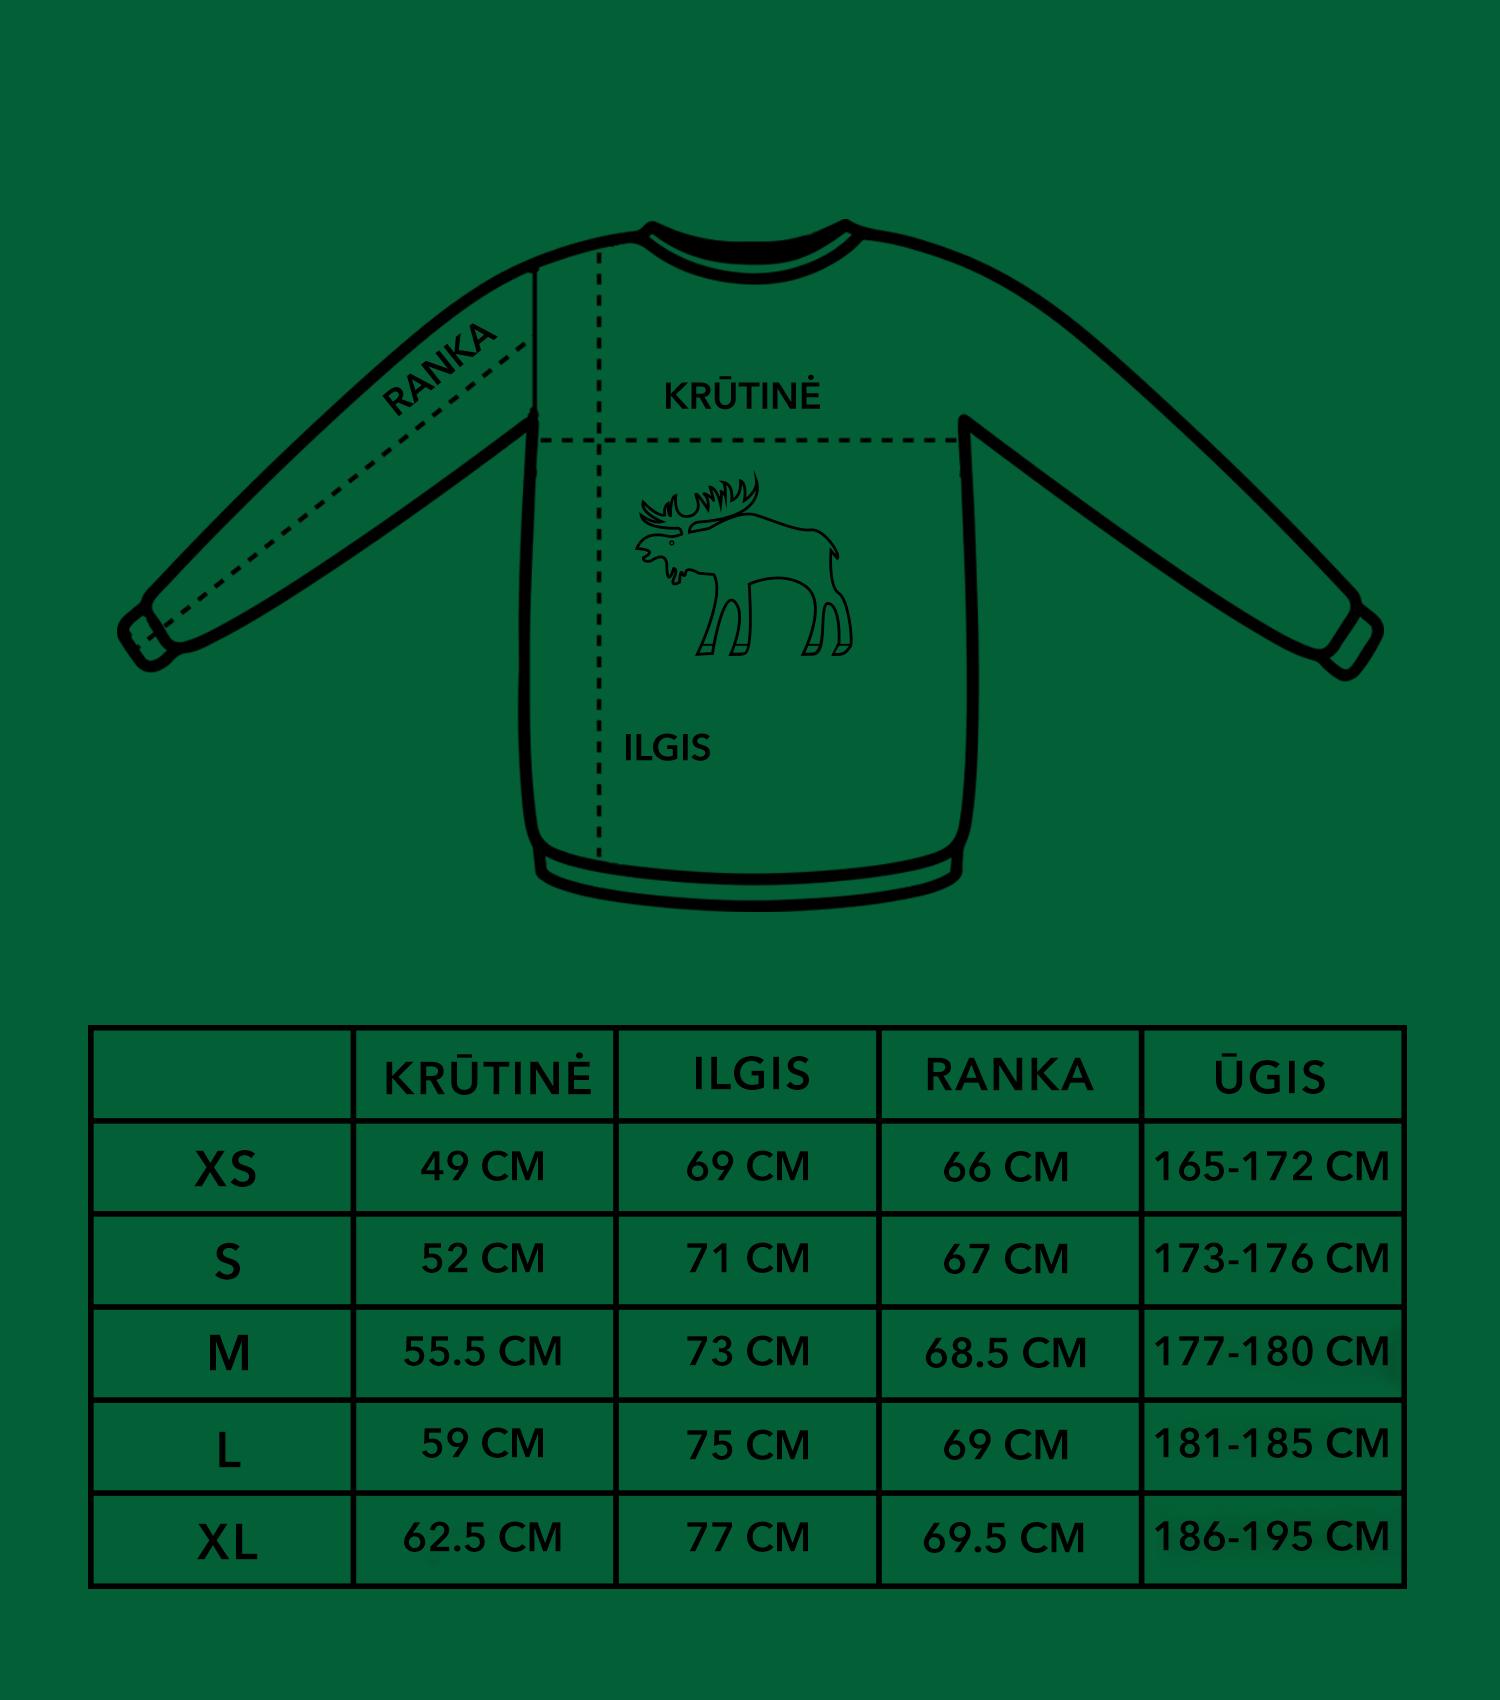 2021 džemperių dydžių lentelė